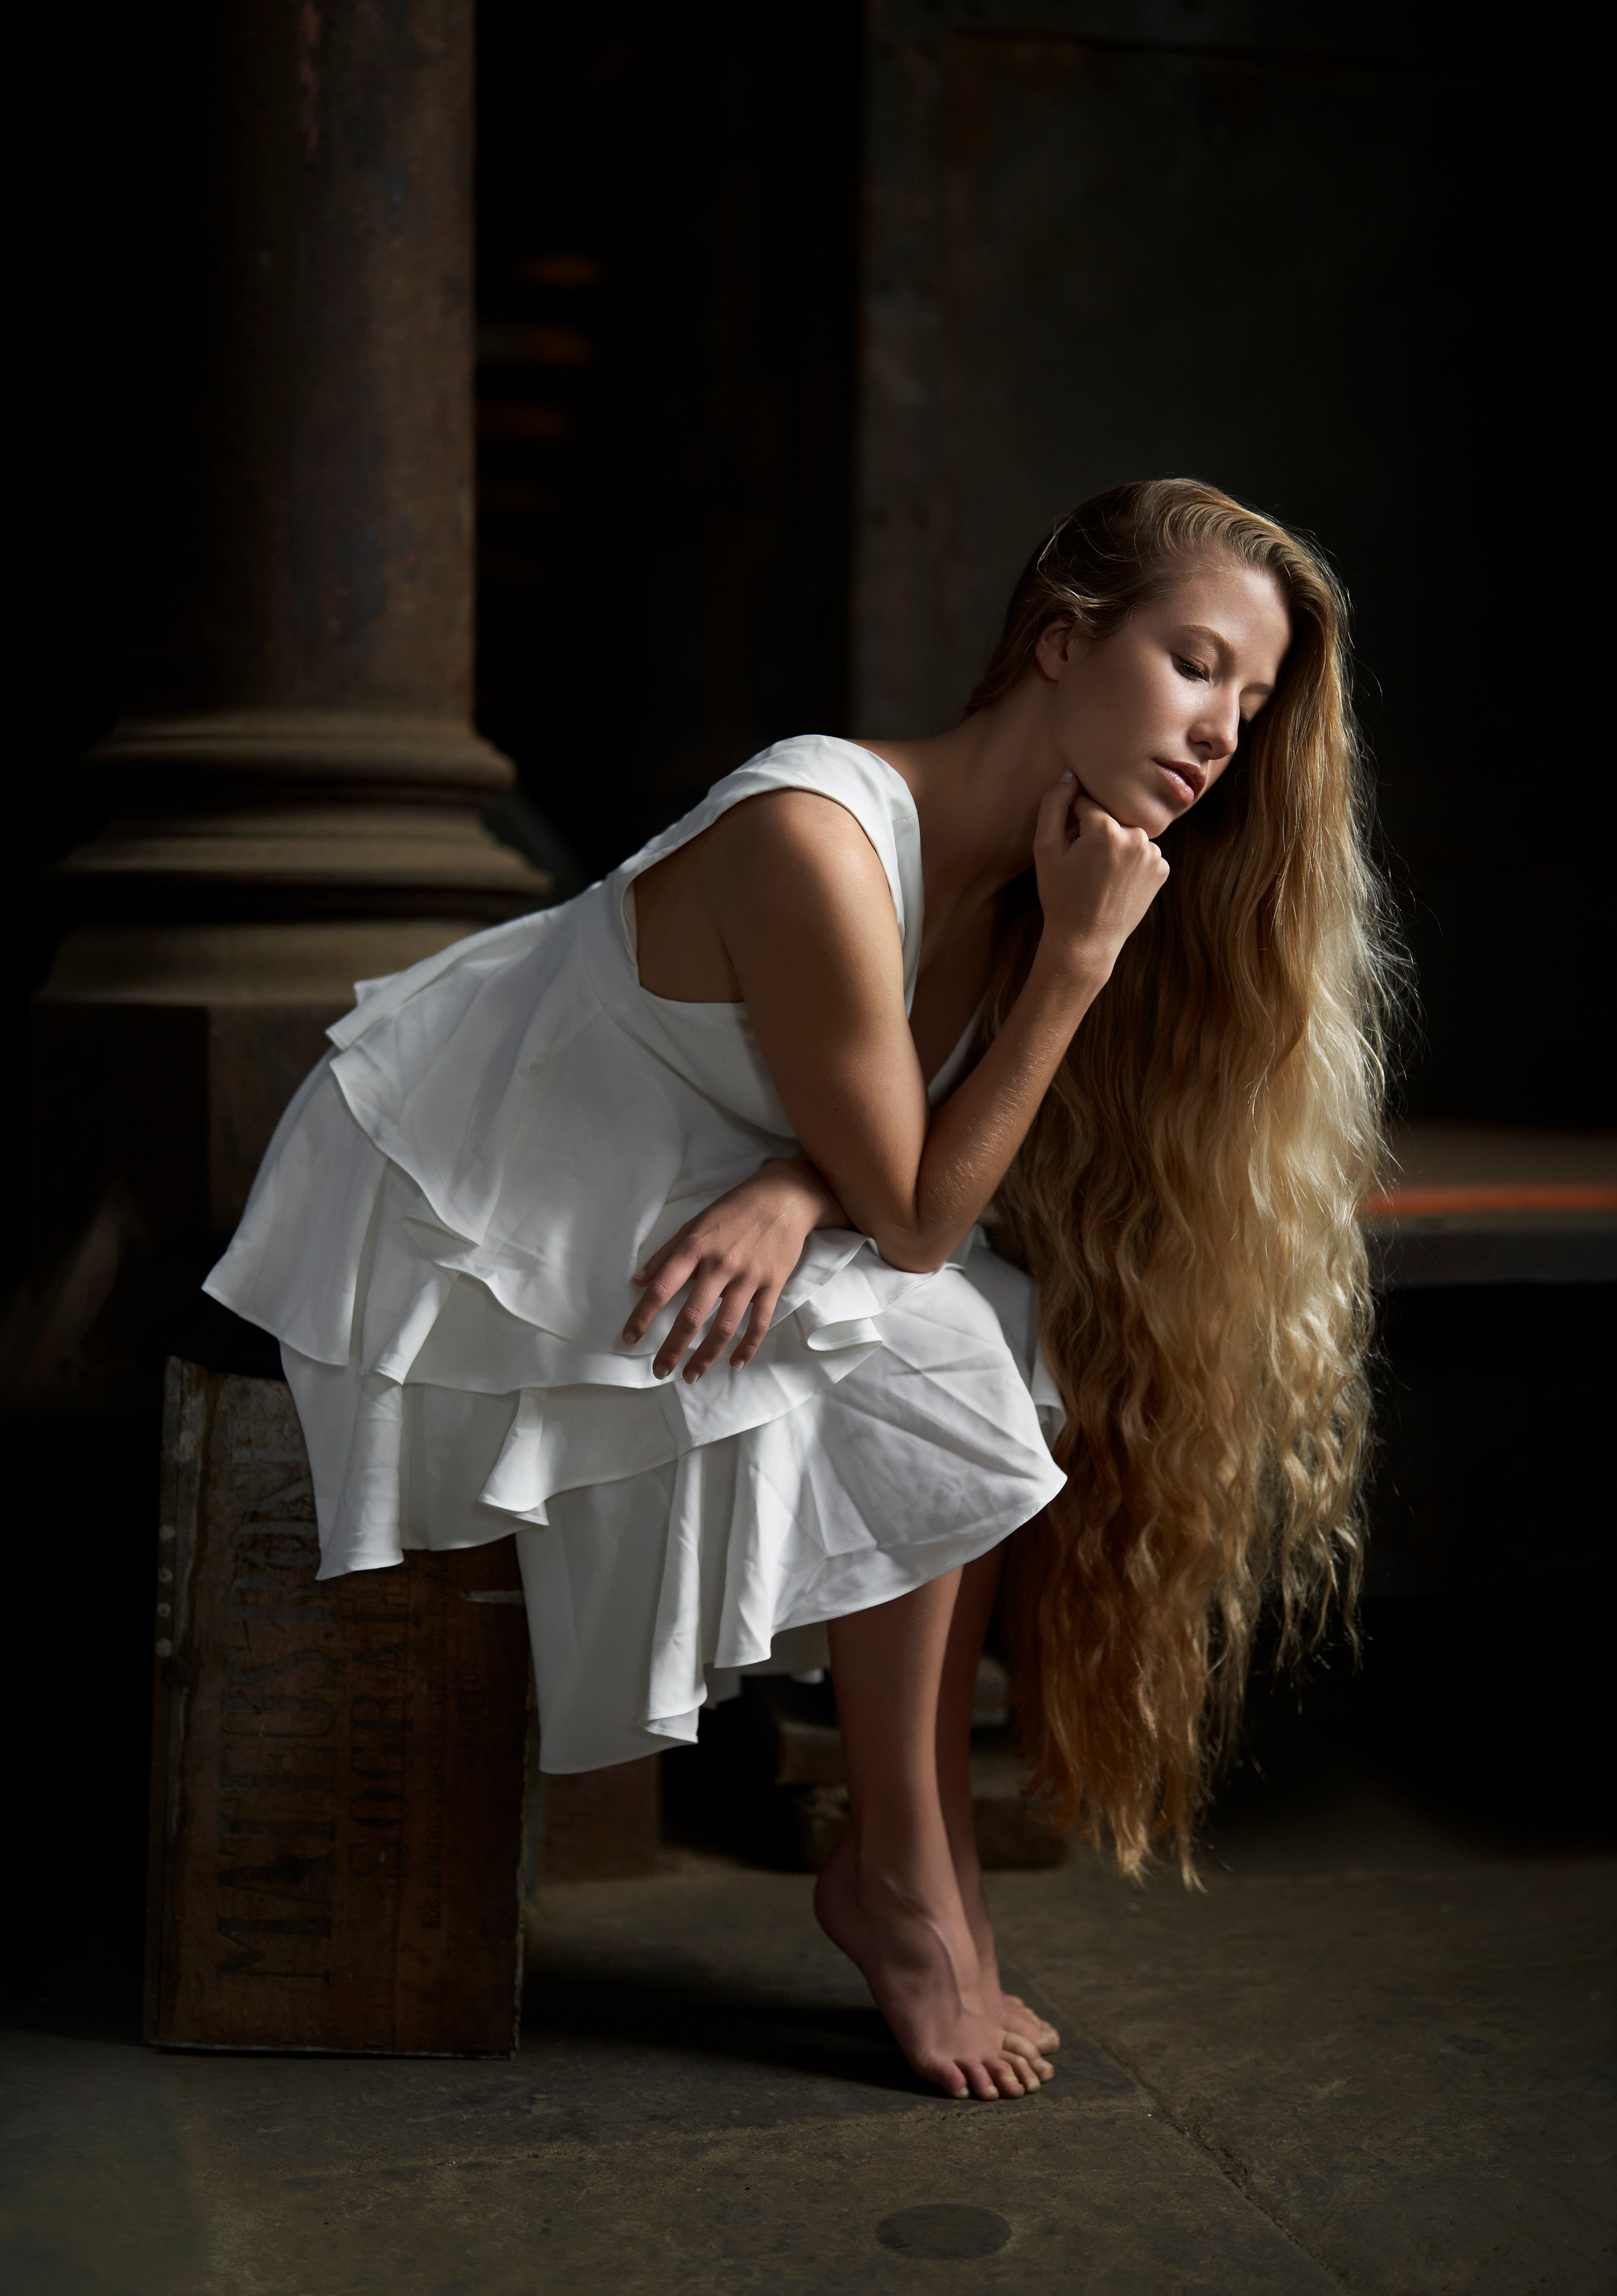 Foto Blond Mädchen posiert Haar Mädchens Sitzend Kleid 2705x3840 für Handy Blondine Pose junge frau junge Frauen sitzt sitzen